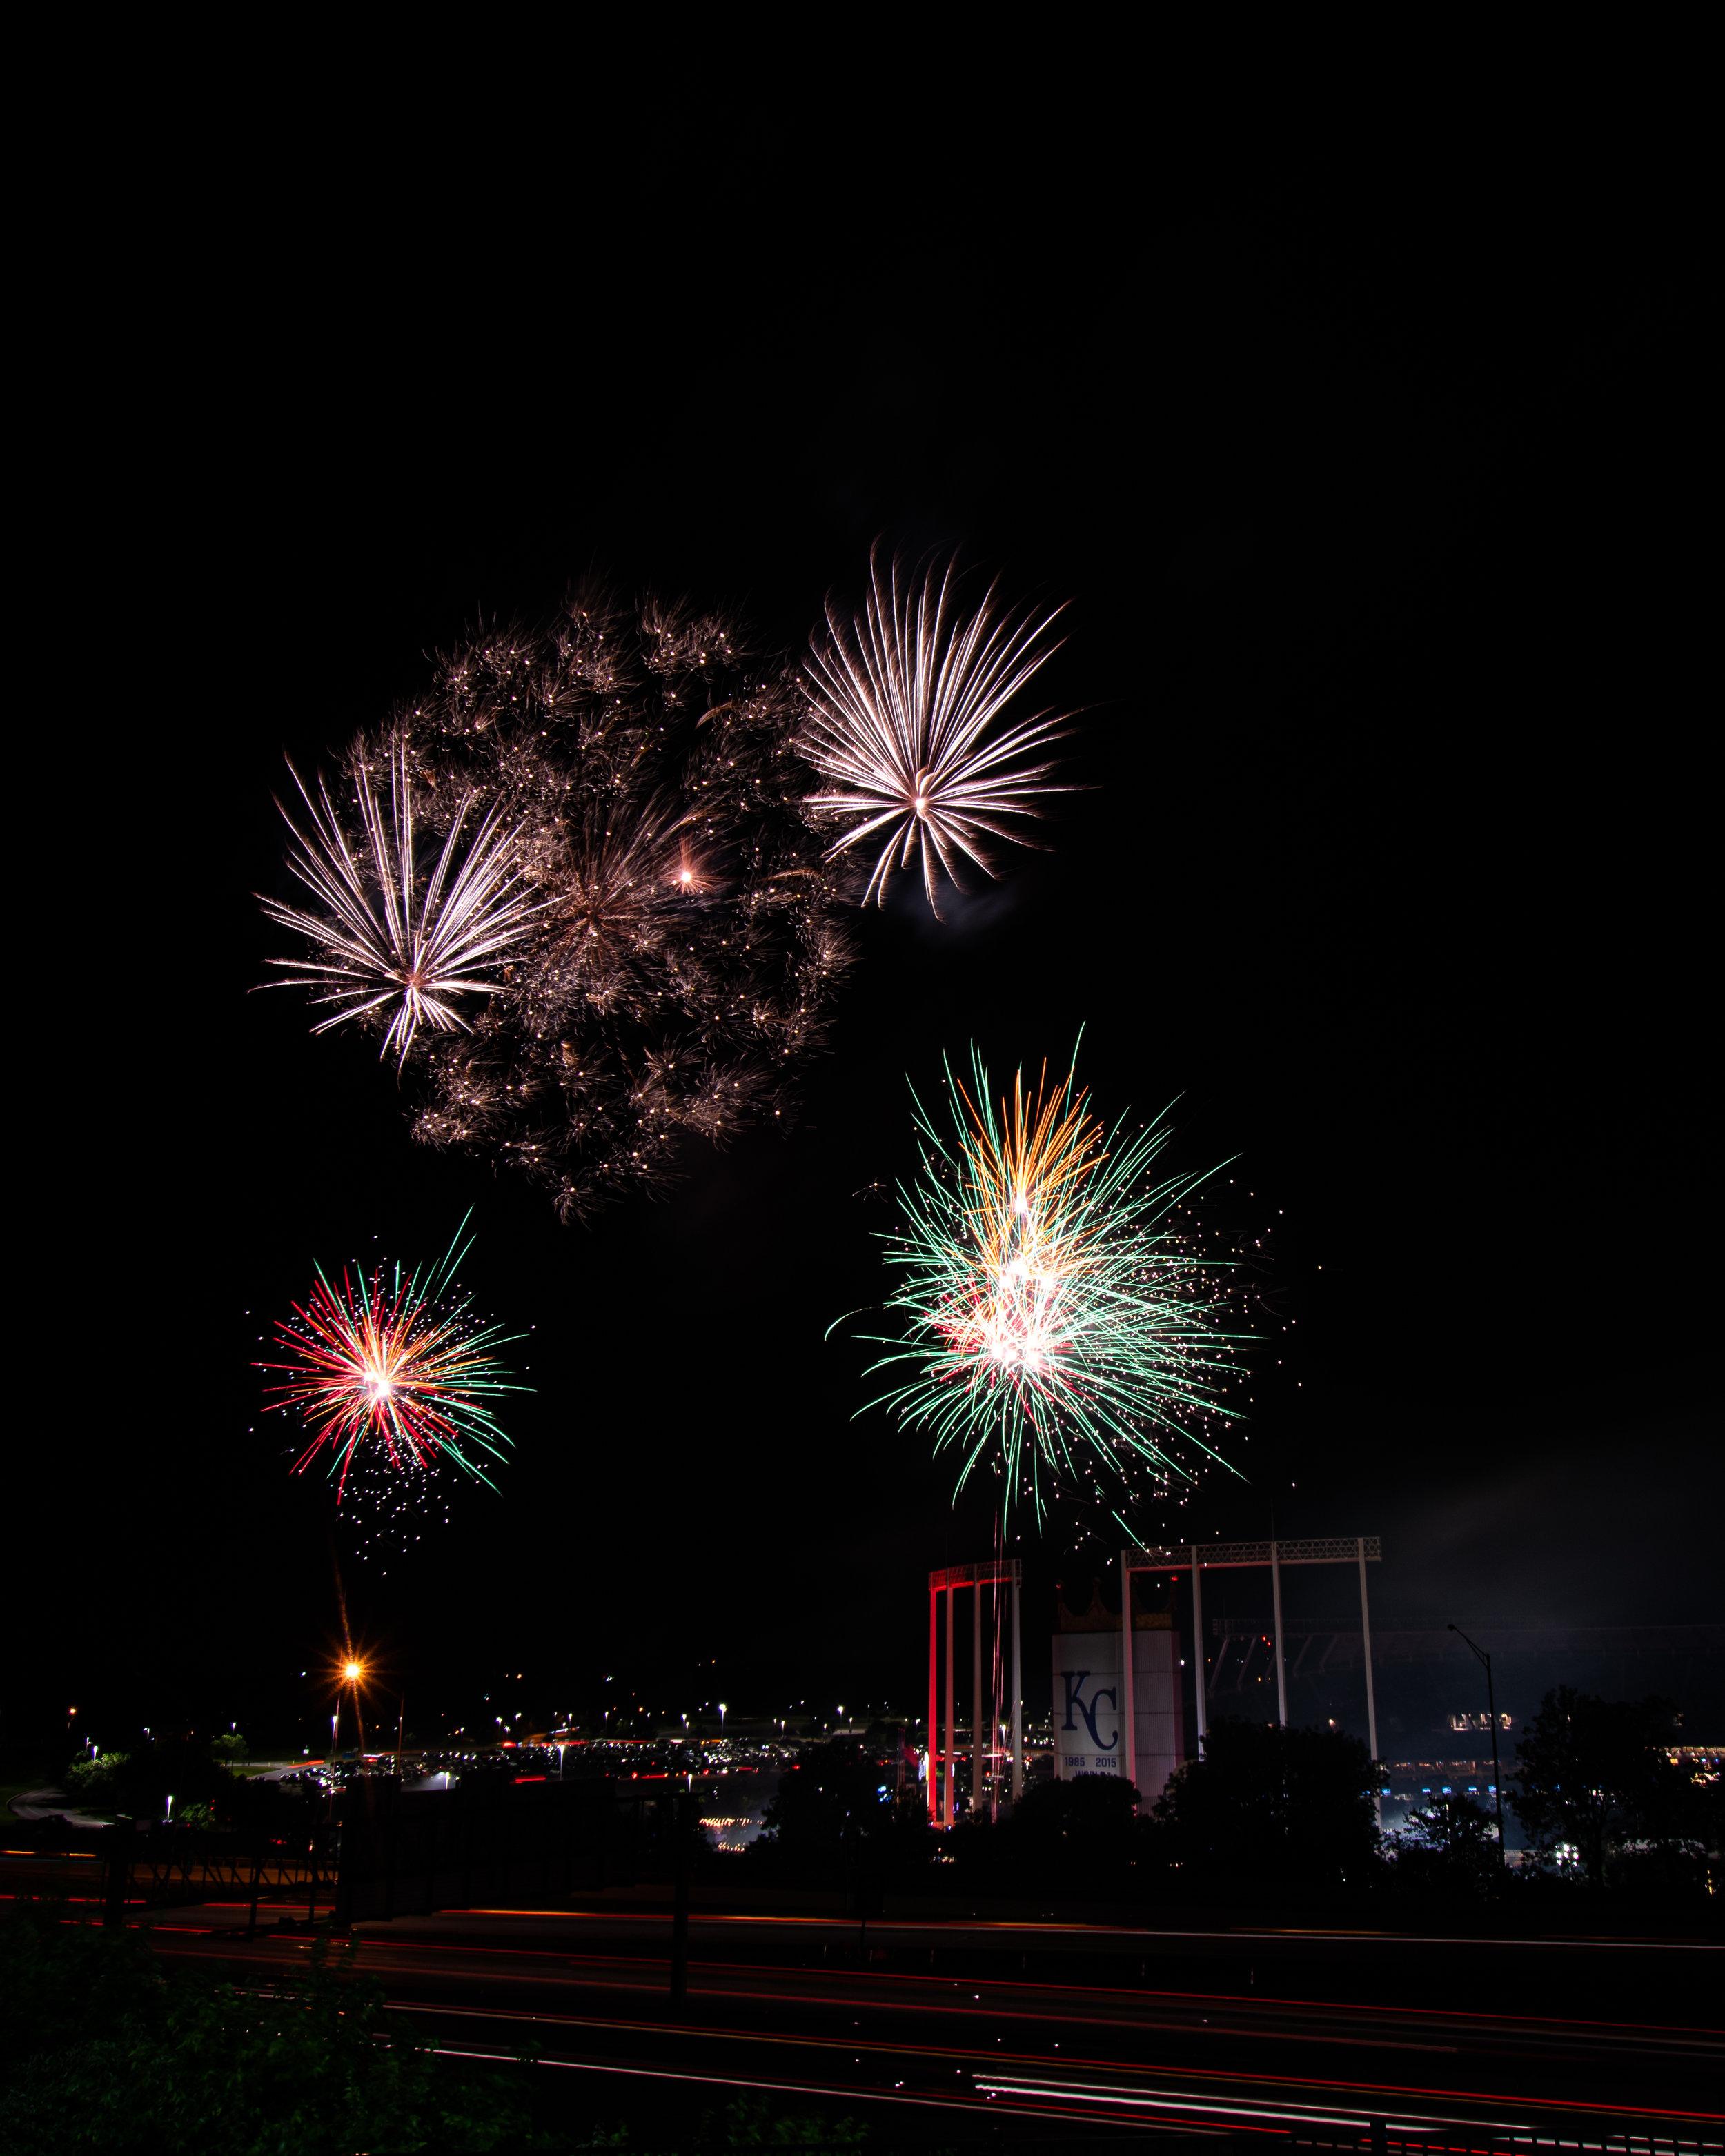 firework-friday-44-of-51_48108386122_o.jpg